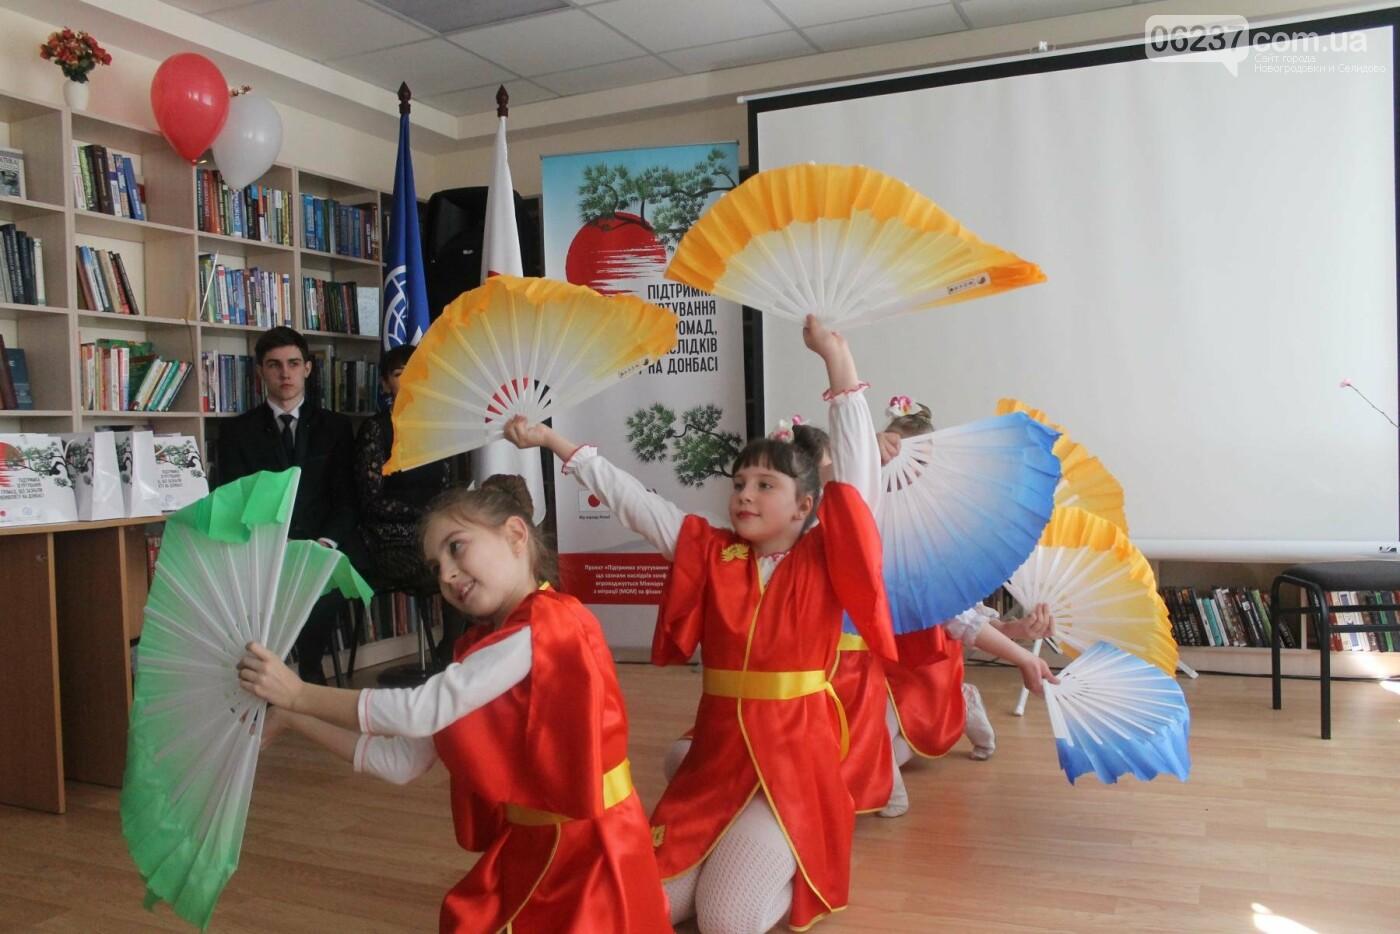 Открытие библиотеки в Новогродовке в рамках проекта Международной организации по миграции, фото-11